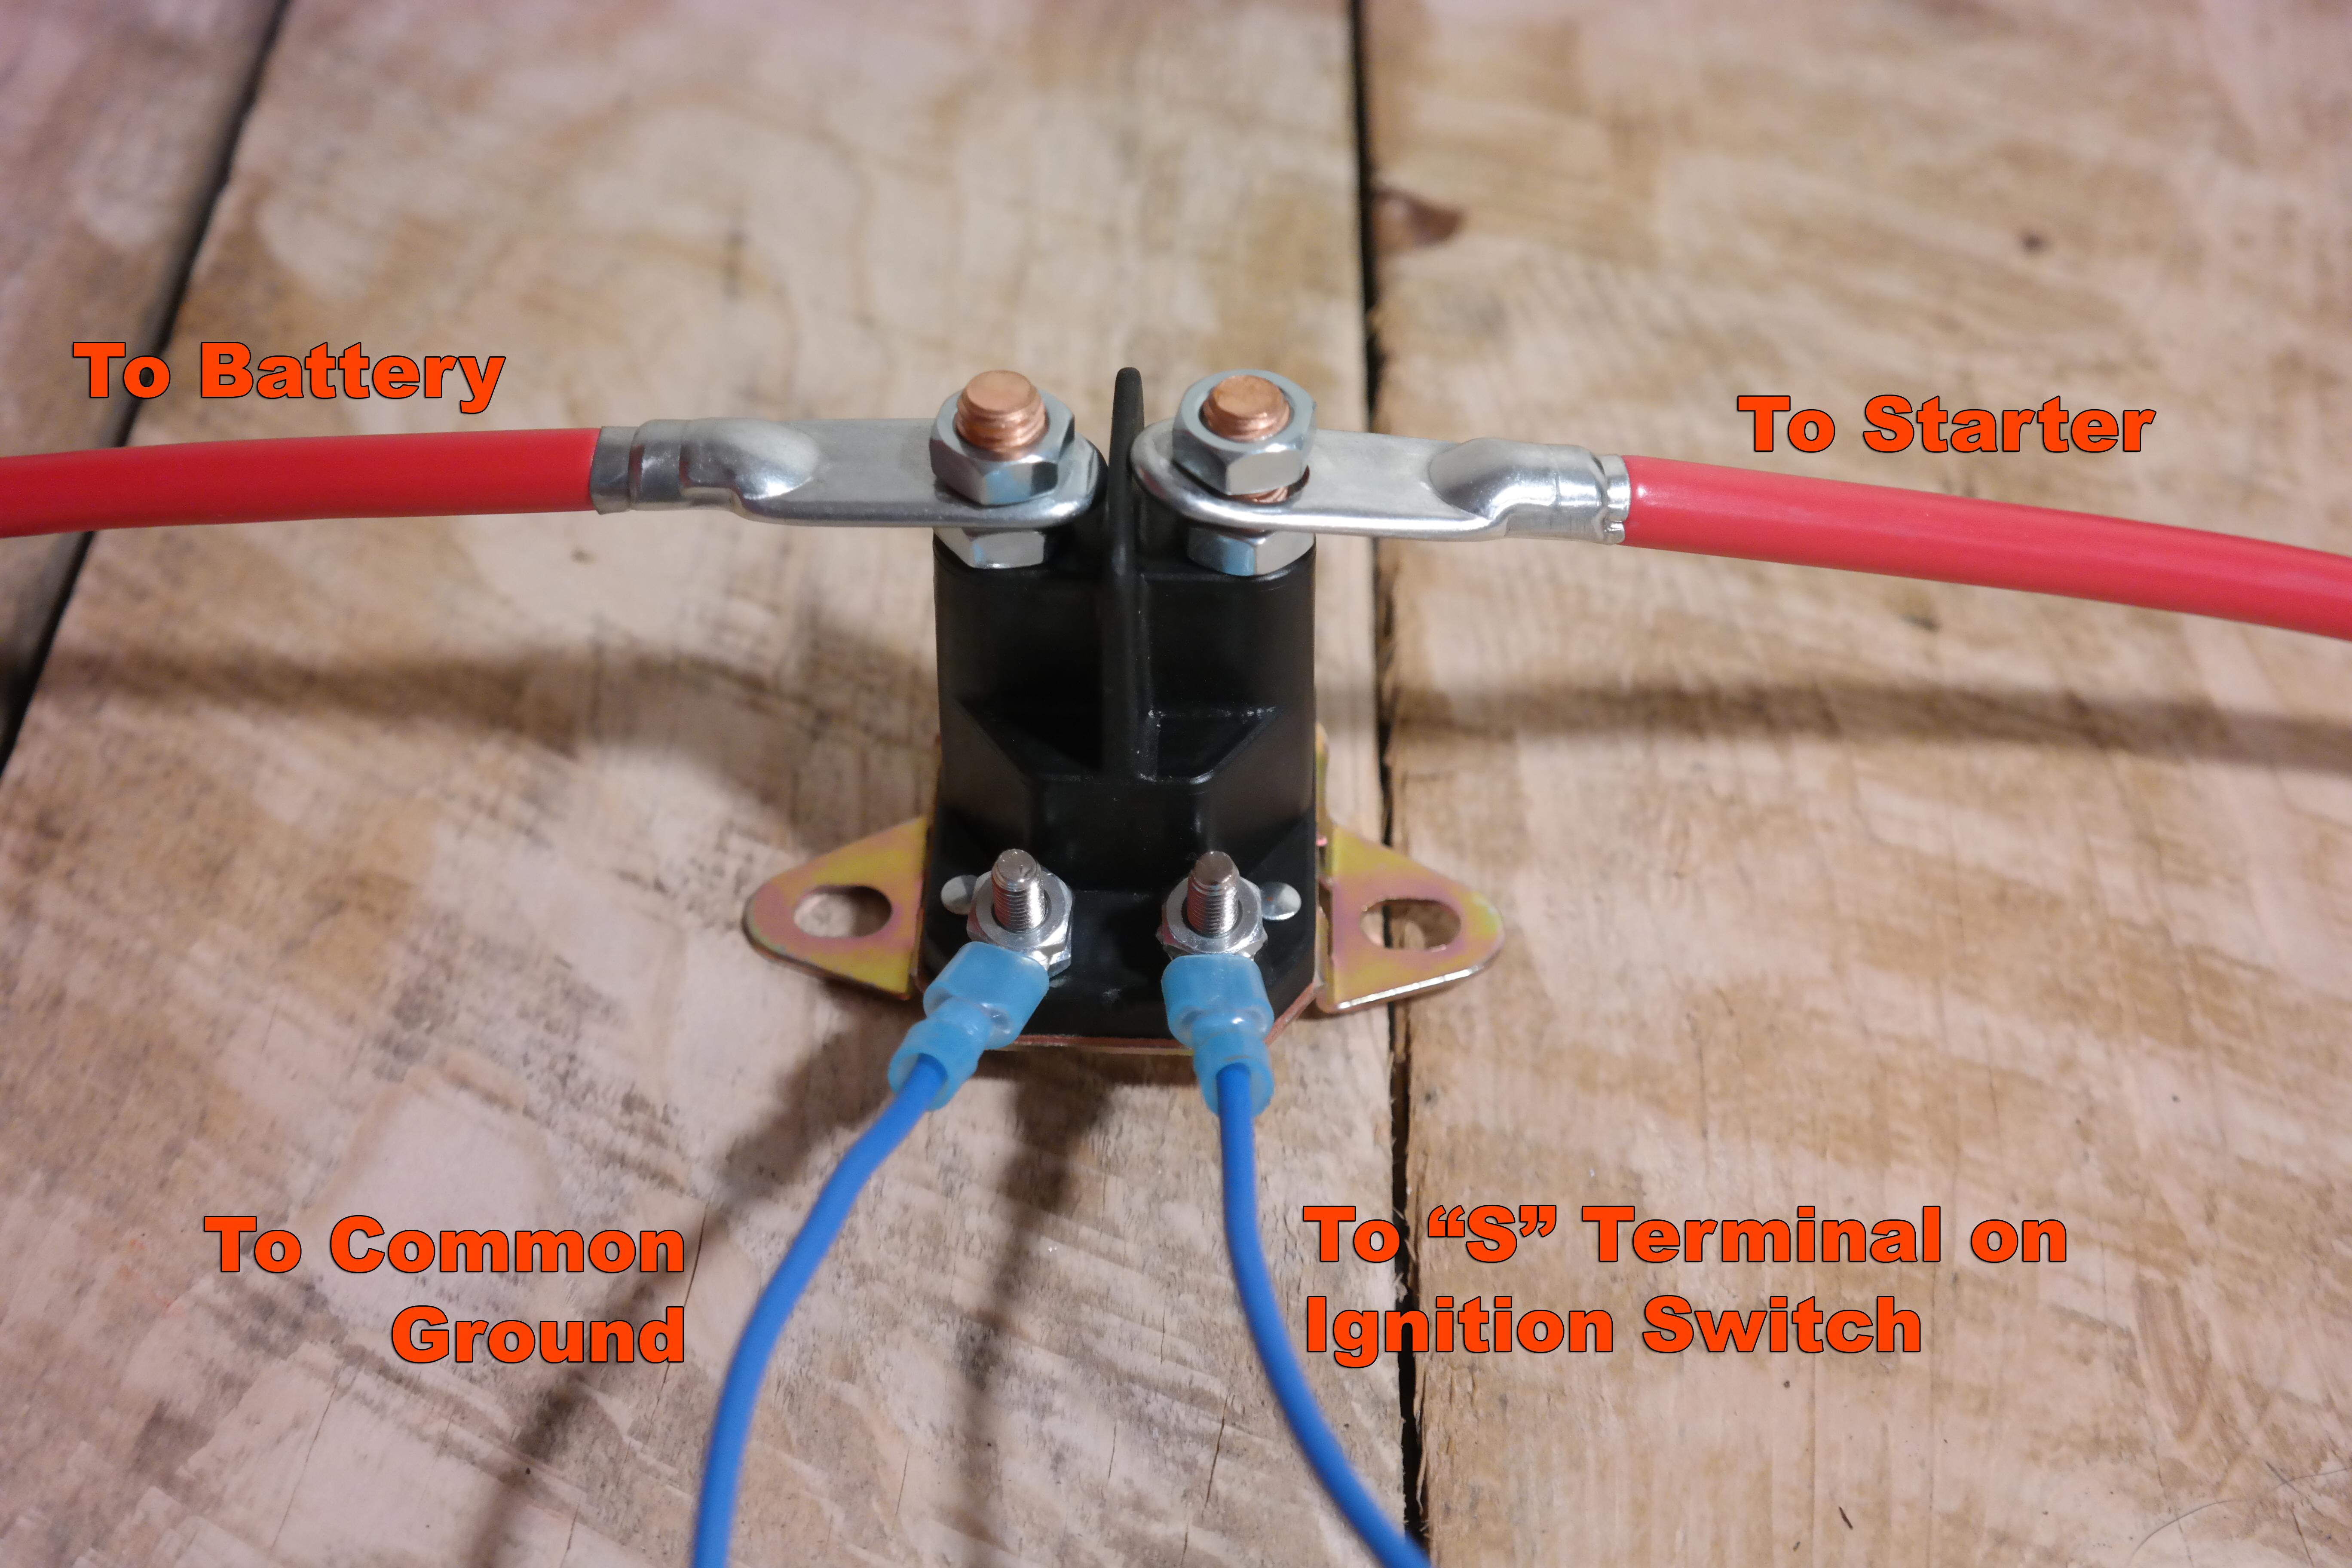 starter solenoid mtd solenoid wiring diagram turcolea com mtd solenoid wiring diagram at crackthecode.co